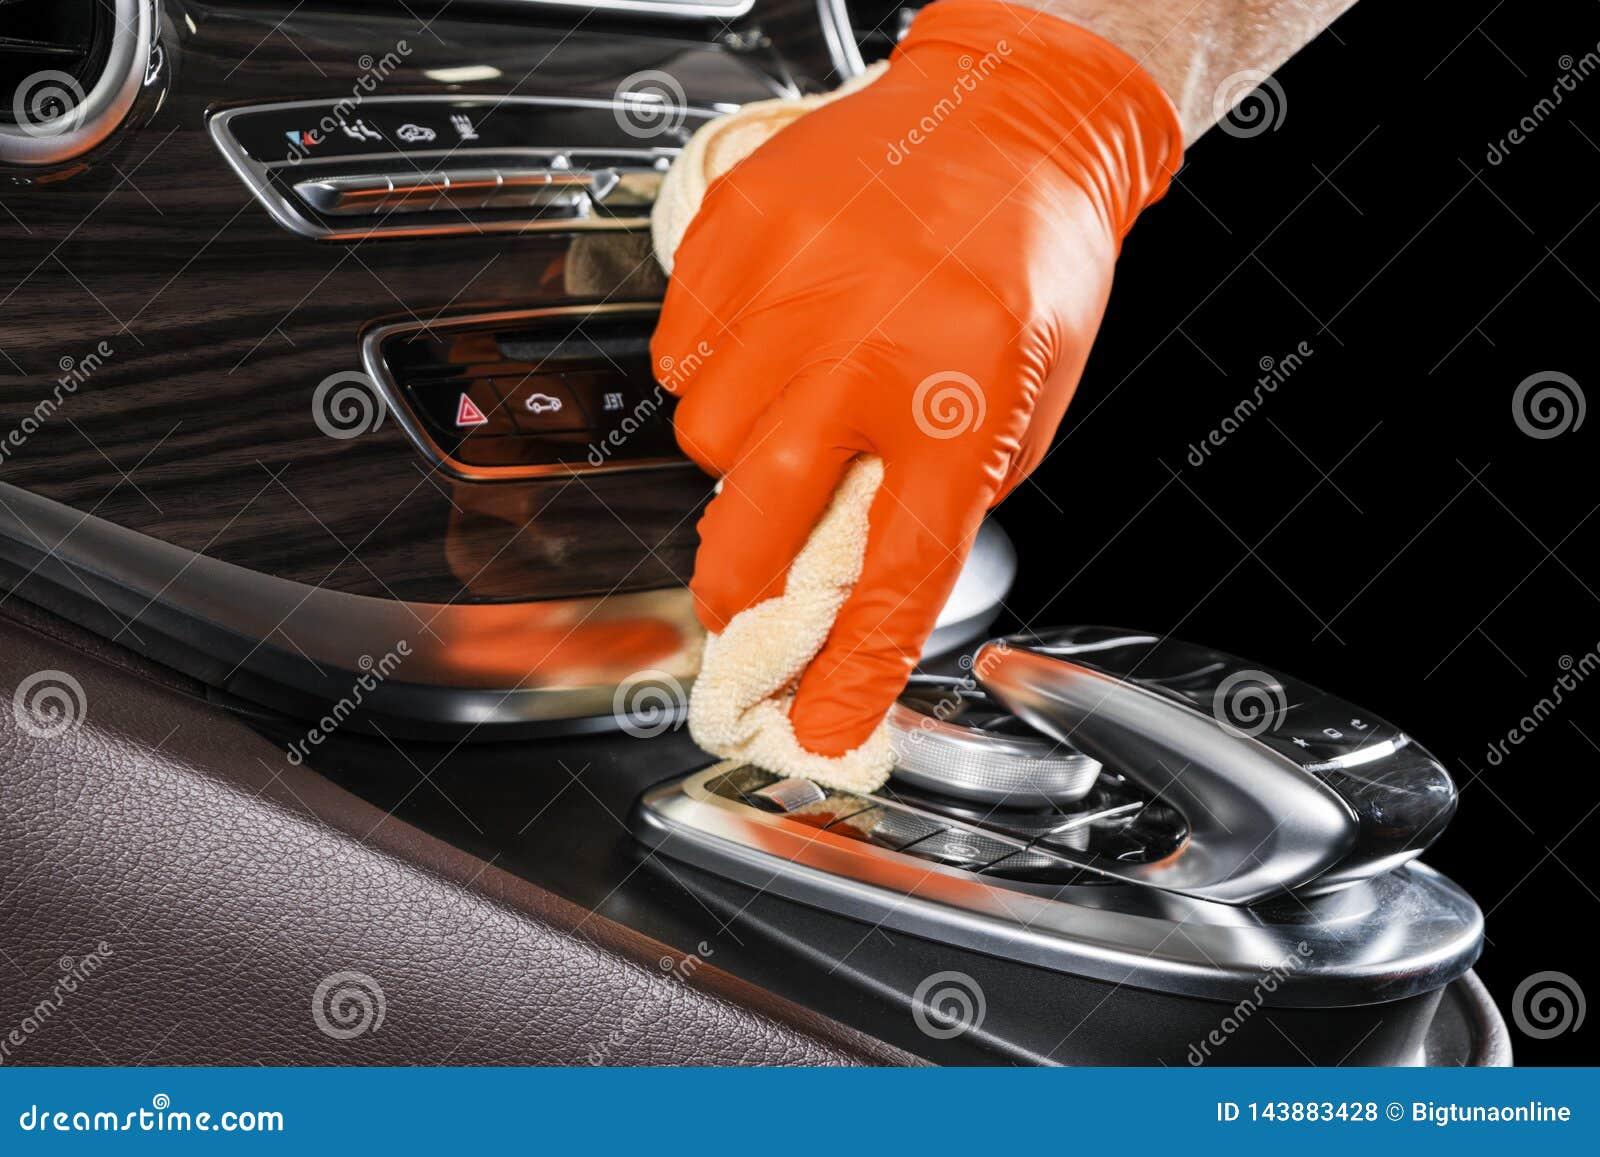 Um carro da limpeza do homem com pano do microfiber Conceito de detalhe ou valeting do carro Foco seletivo Detalhe do carro Limpe